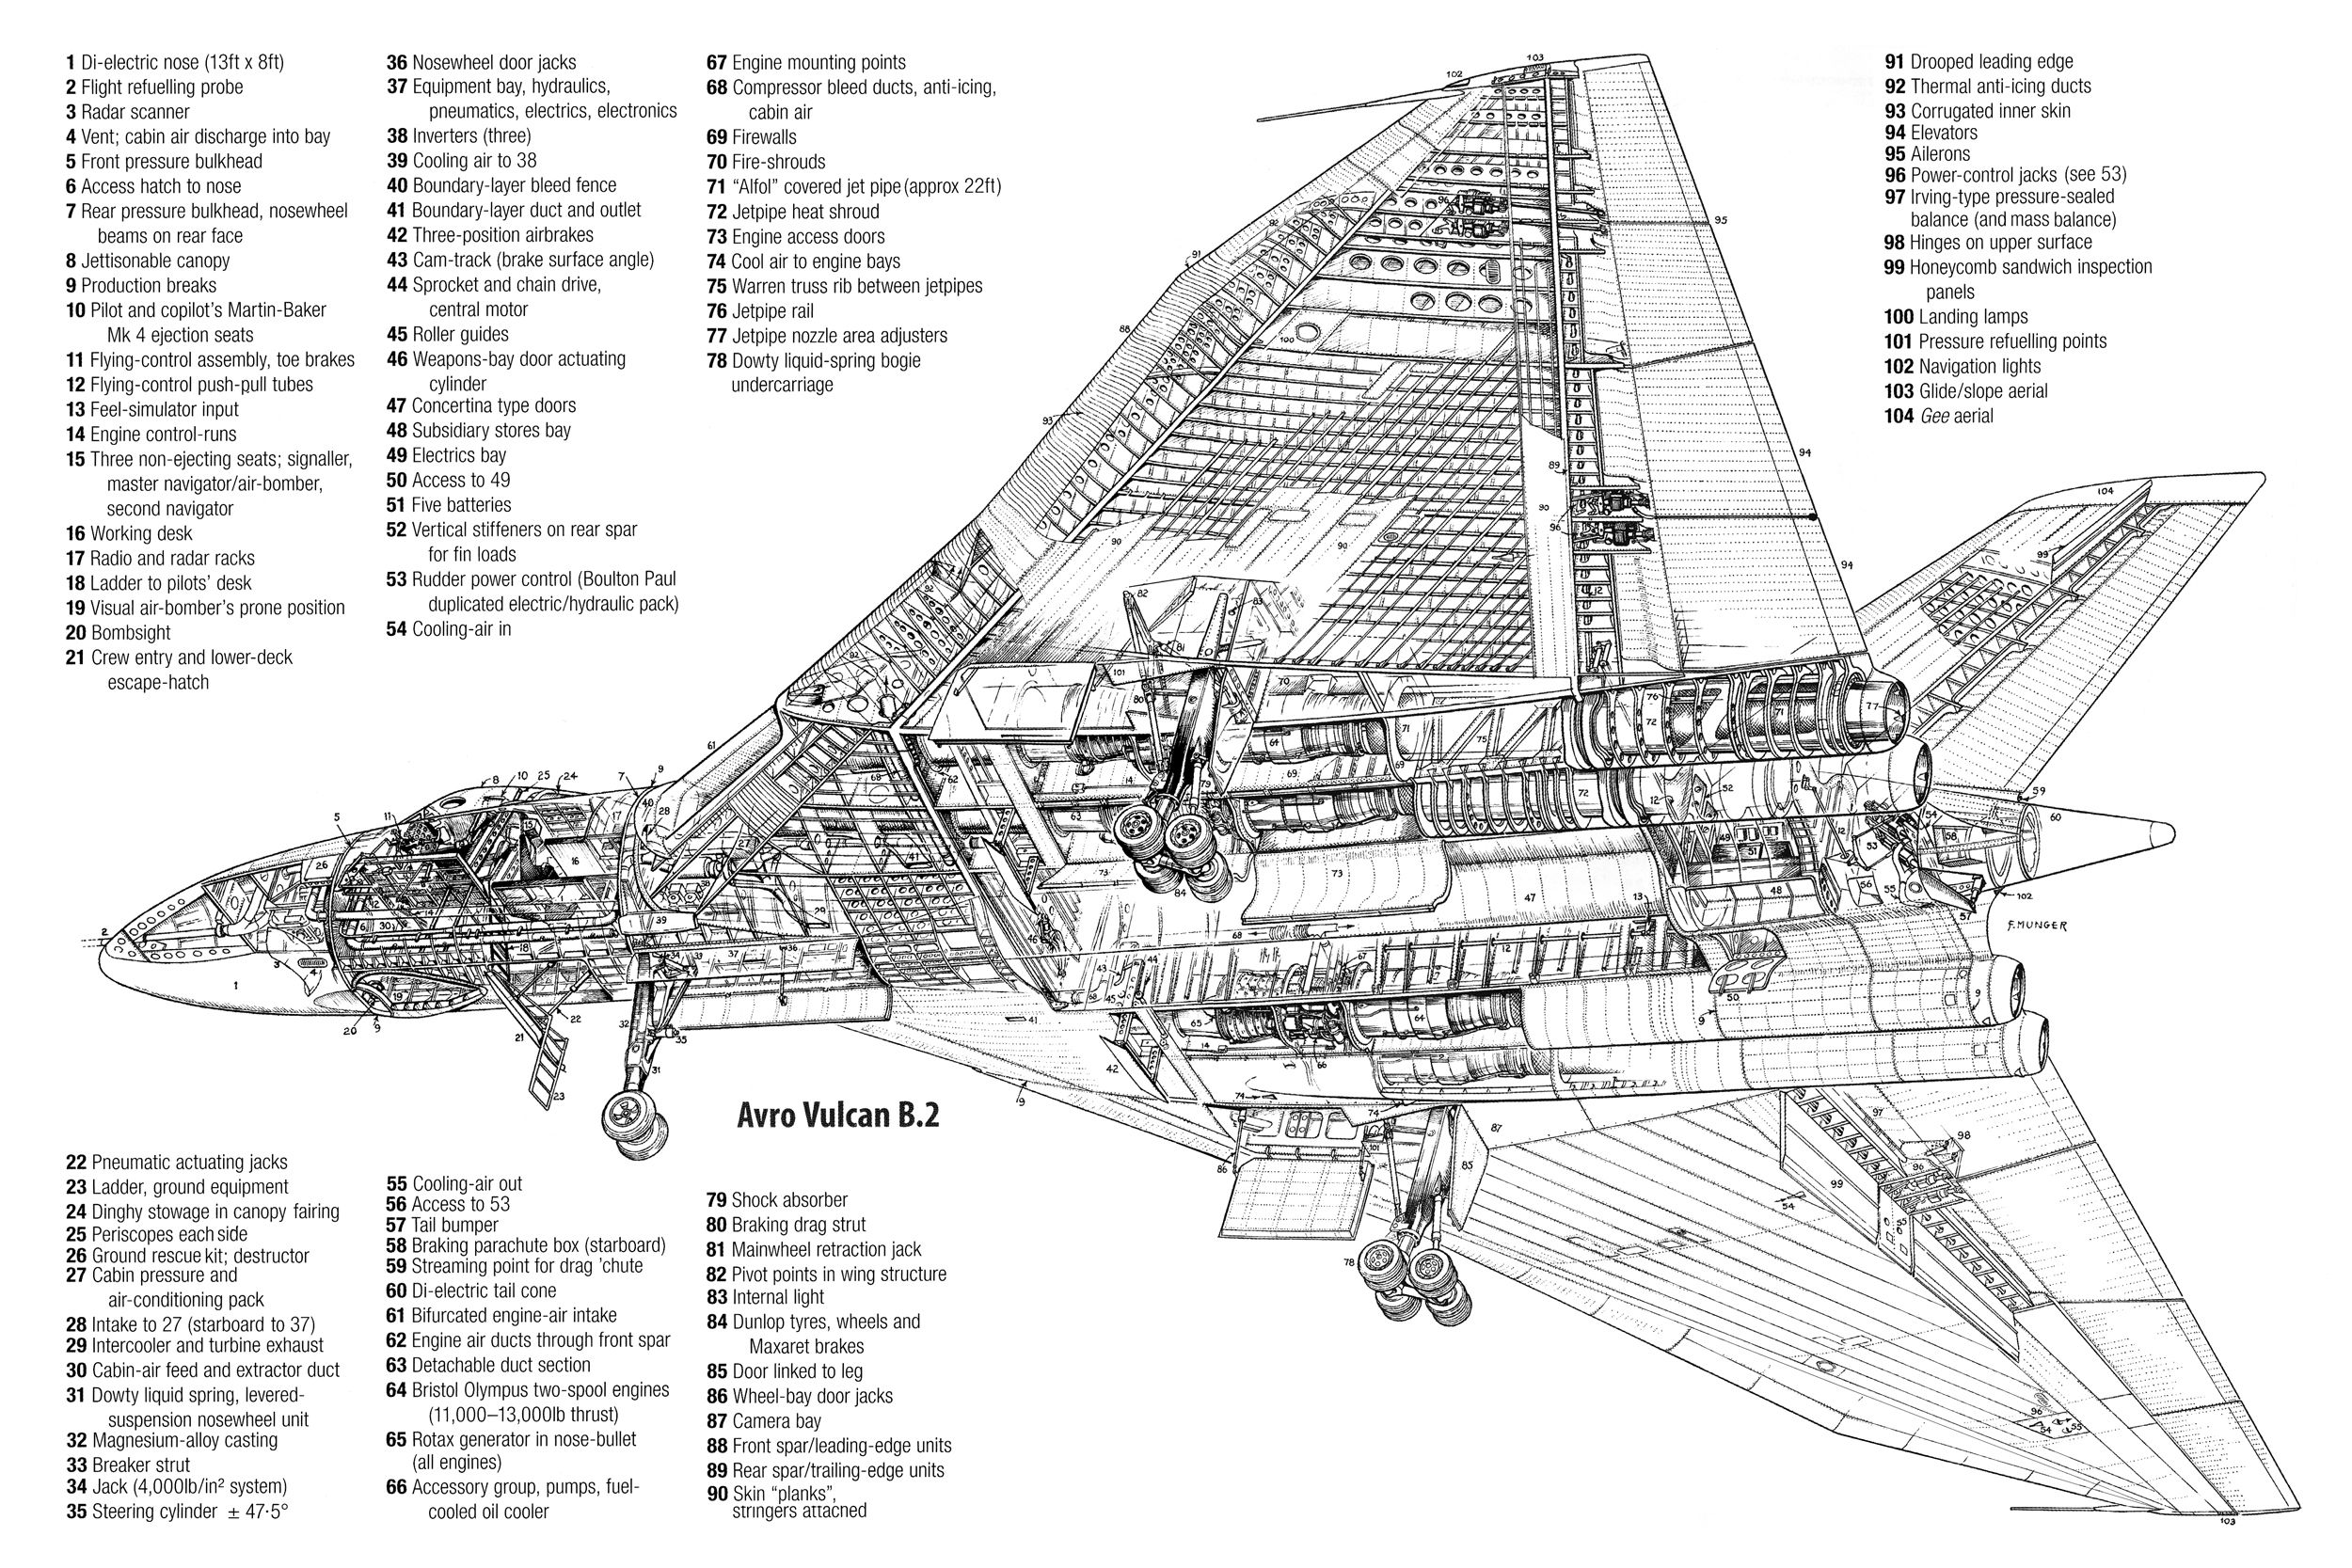 Aavro Vulcan Aircraft Cutaway